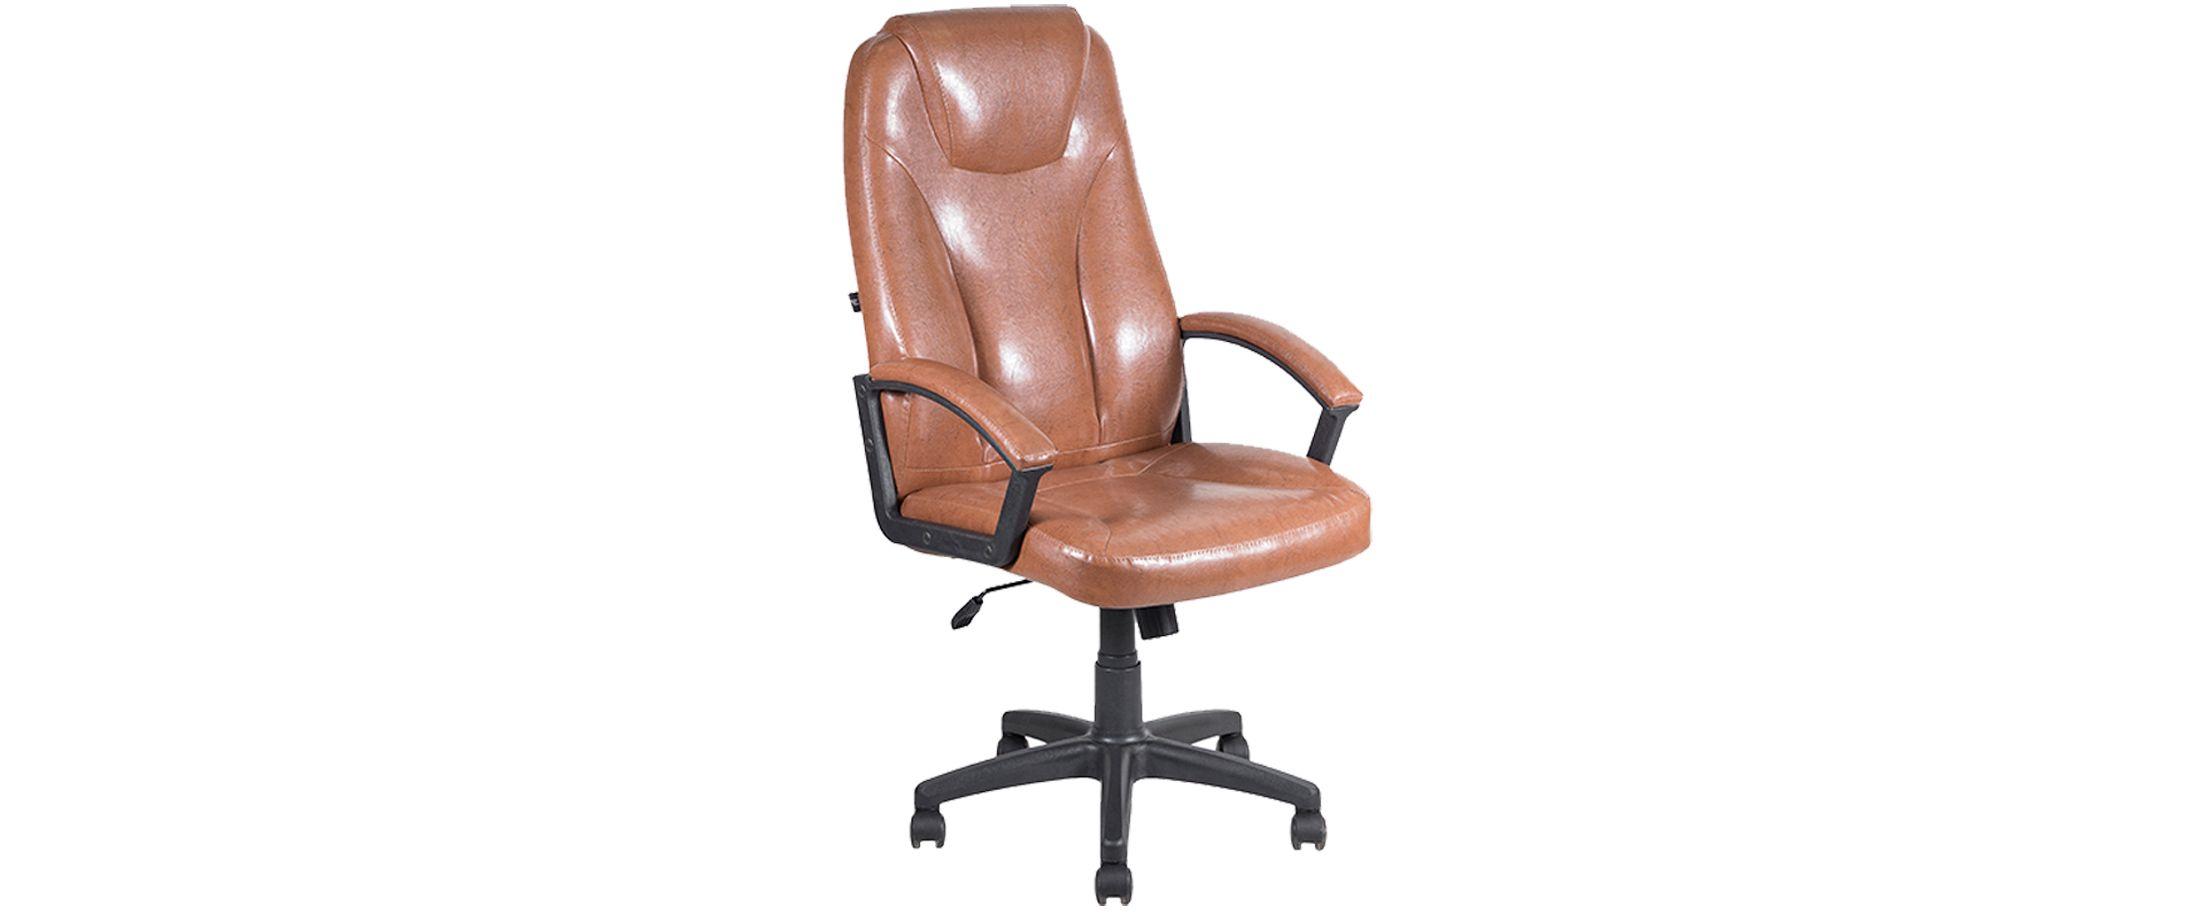 Кресло офисное AV 115 из экокожи цвет коньяк Модель 999Кресло офисное AV 115 из экокожи цвет коньяк Модель 999. Артикул Д000686<br><br>Ширина см: 50<br>Глубина см: 64<br>Высота см: 130<br>Цвет: Красно-коричневый